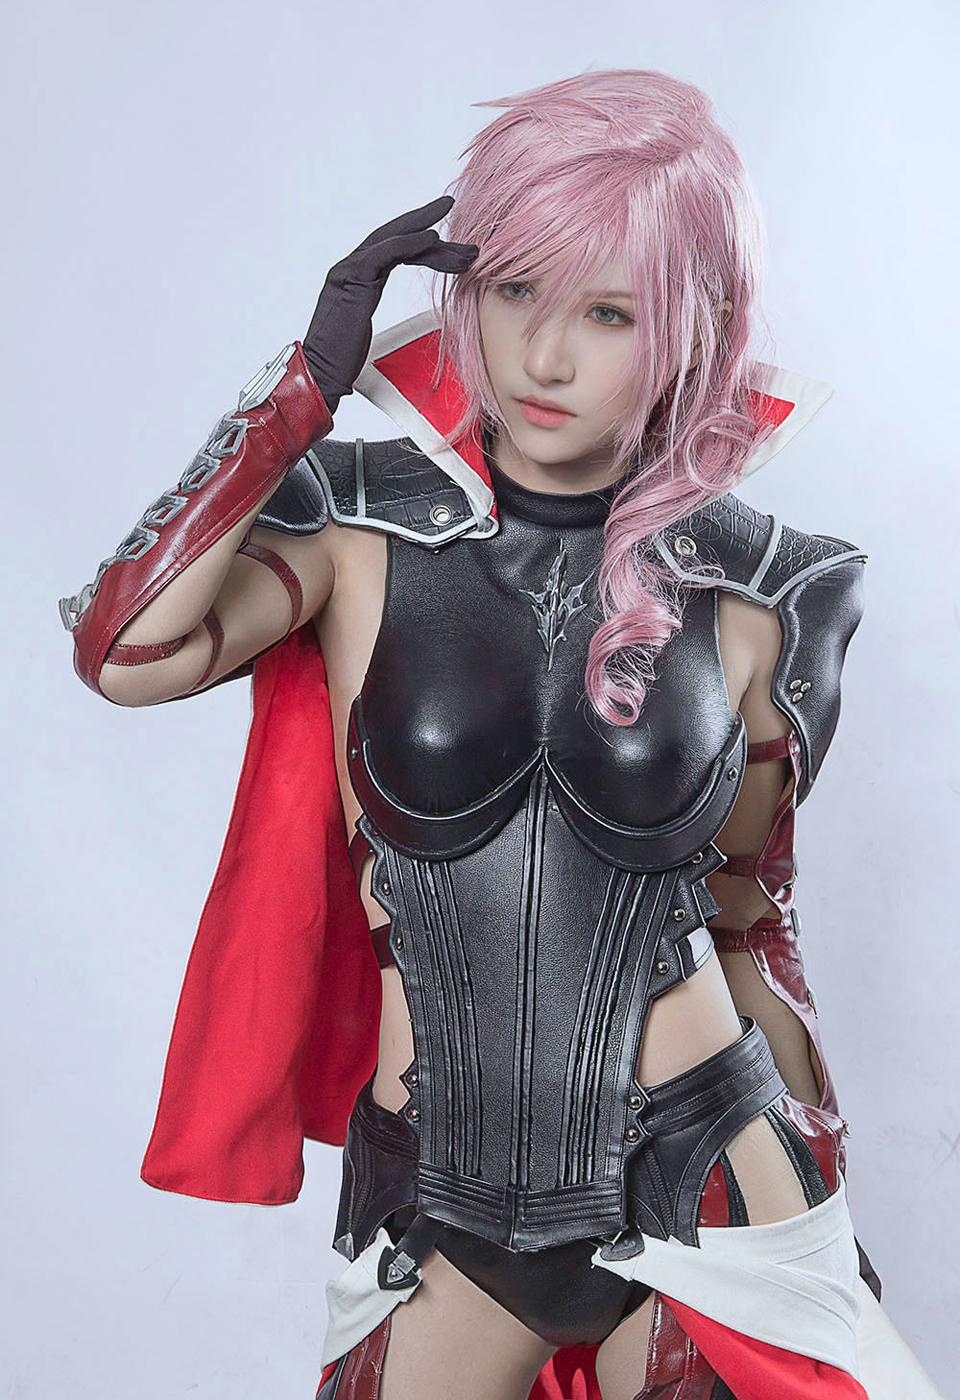 Ngắm cosplay Lightning đẹp như game của Kilory - Ảnh 5